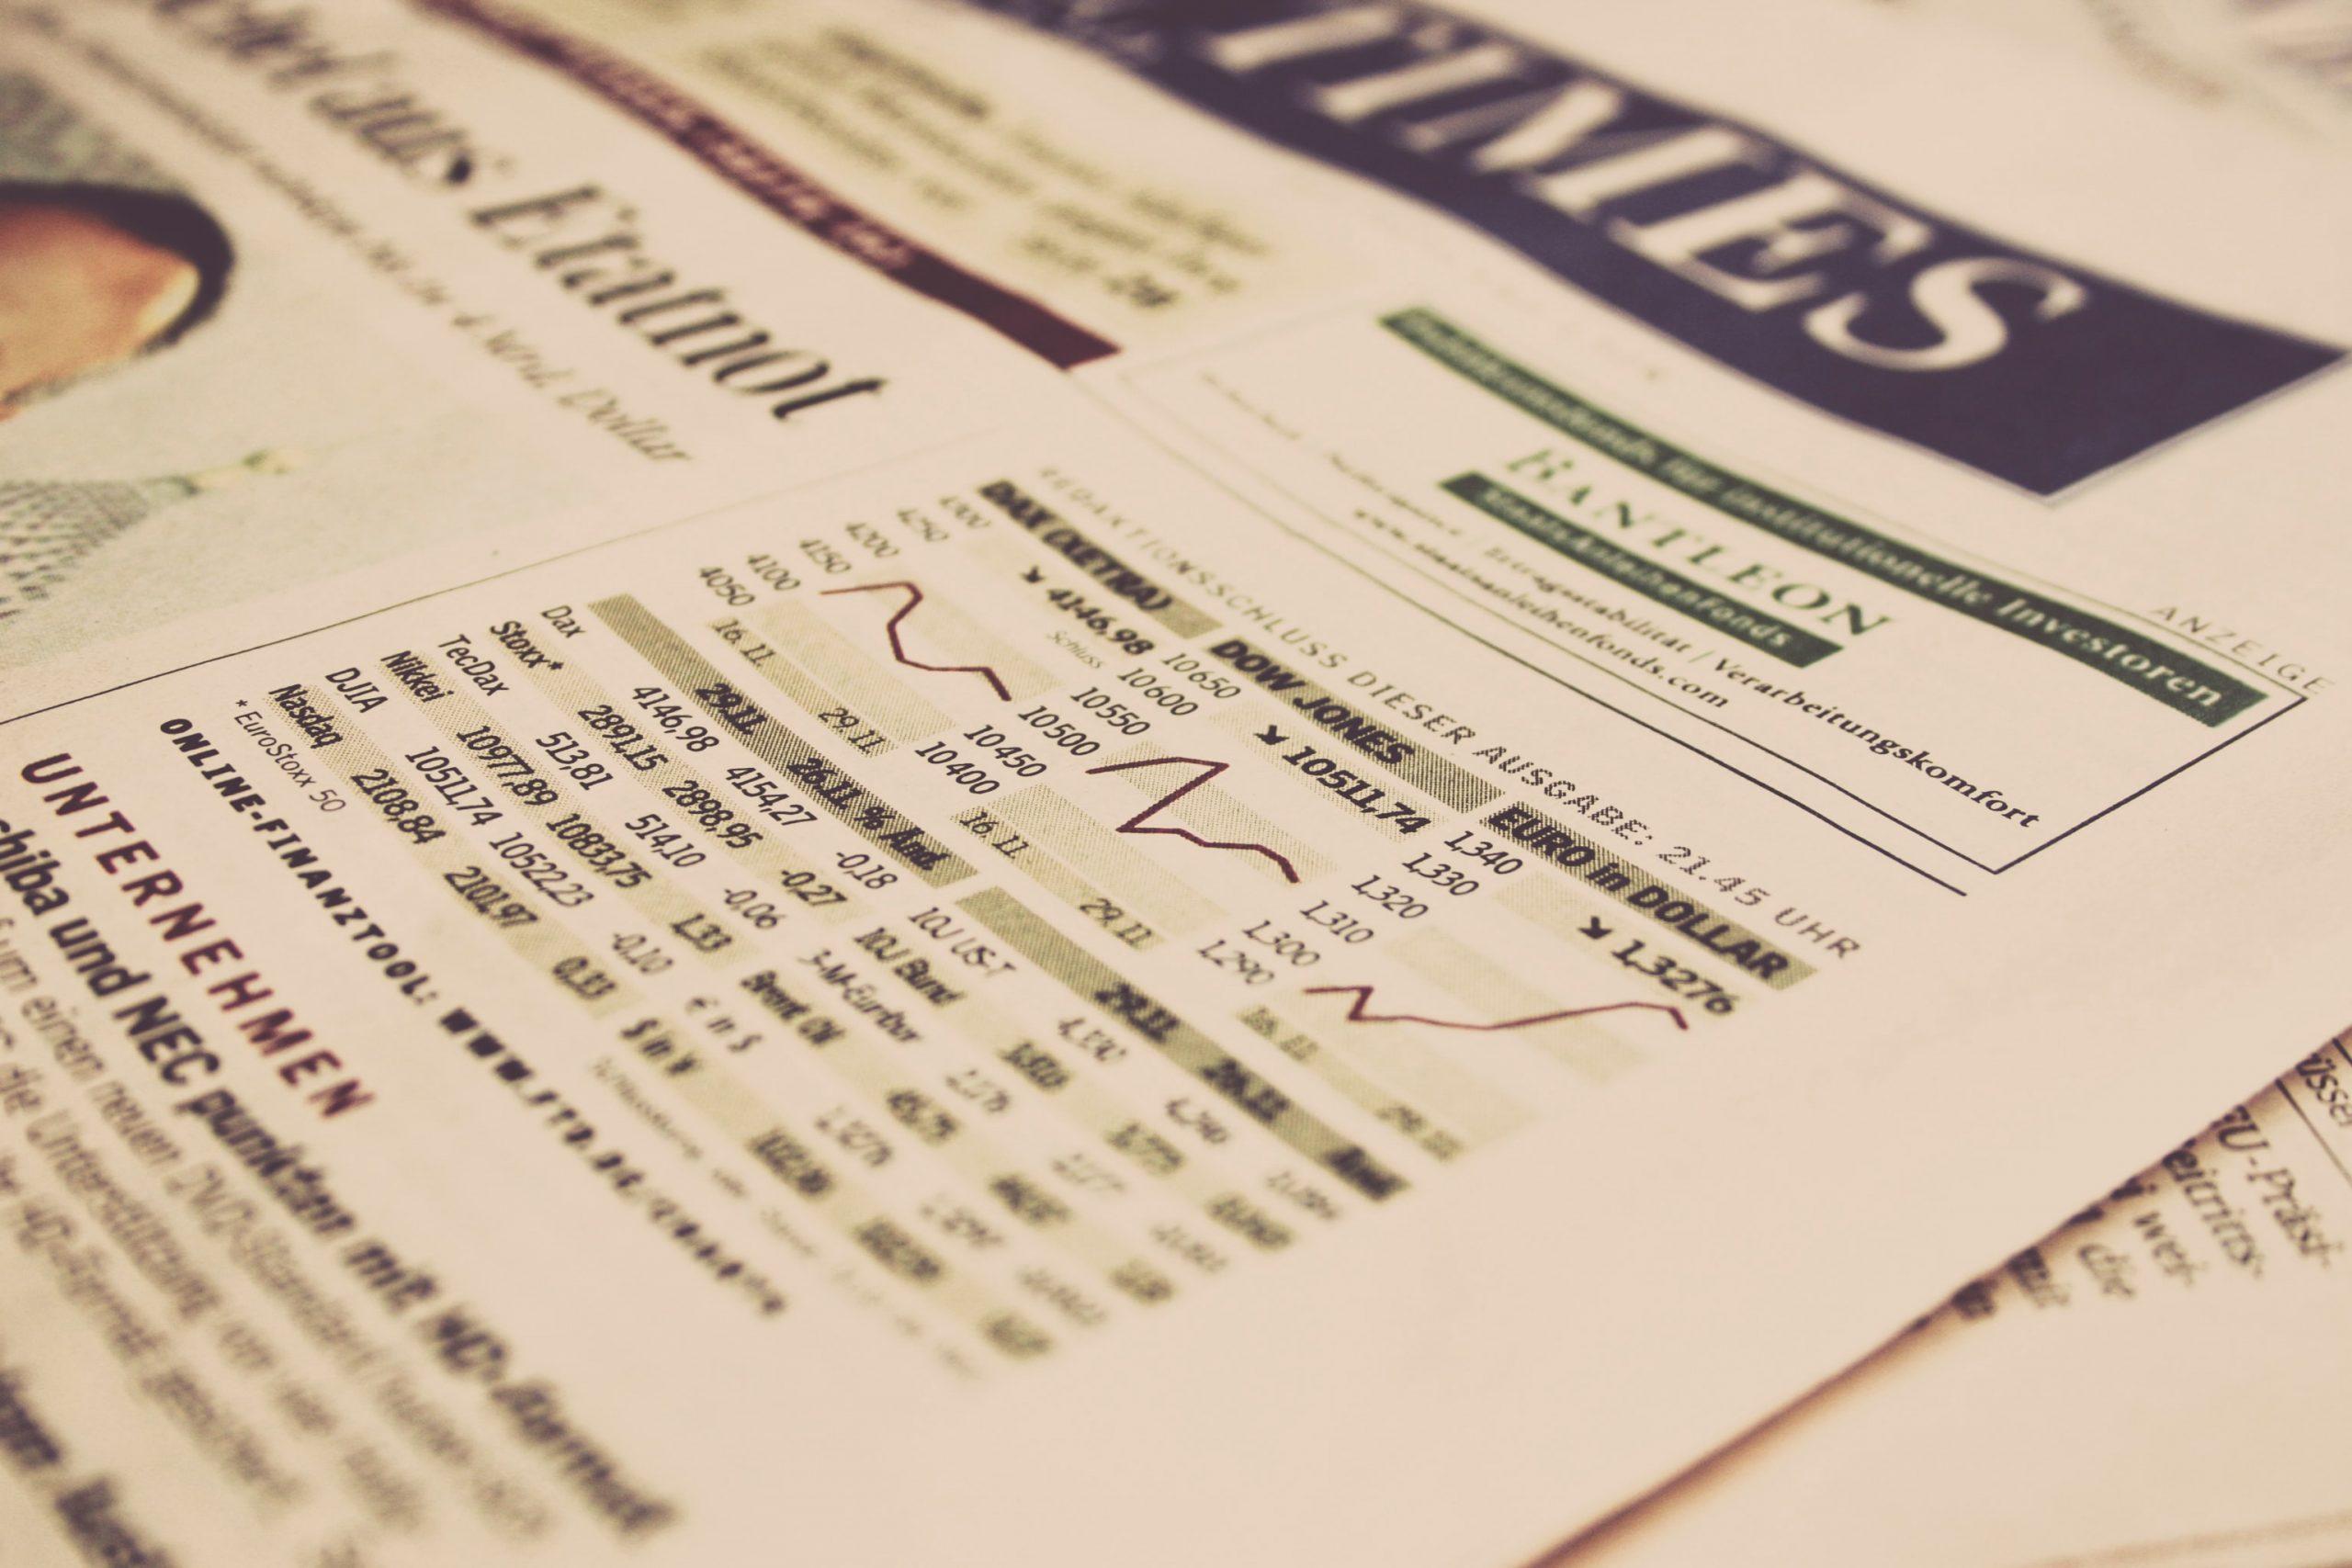 prekybos strategijų tyrimo ataskaita